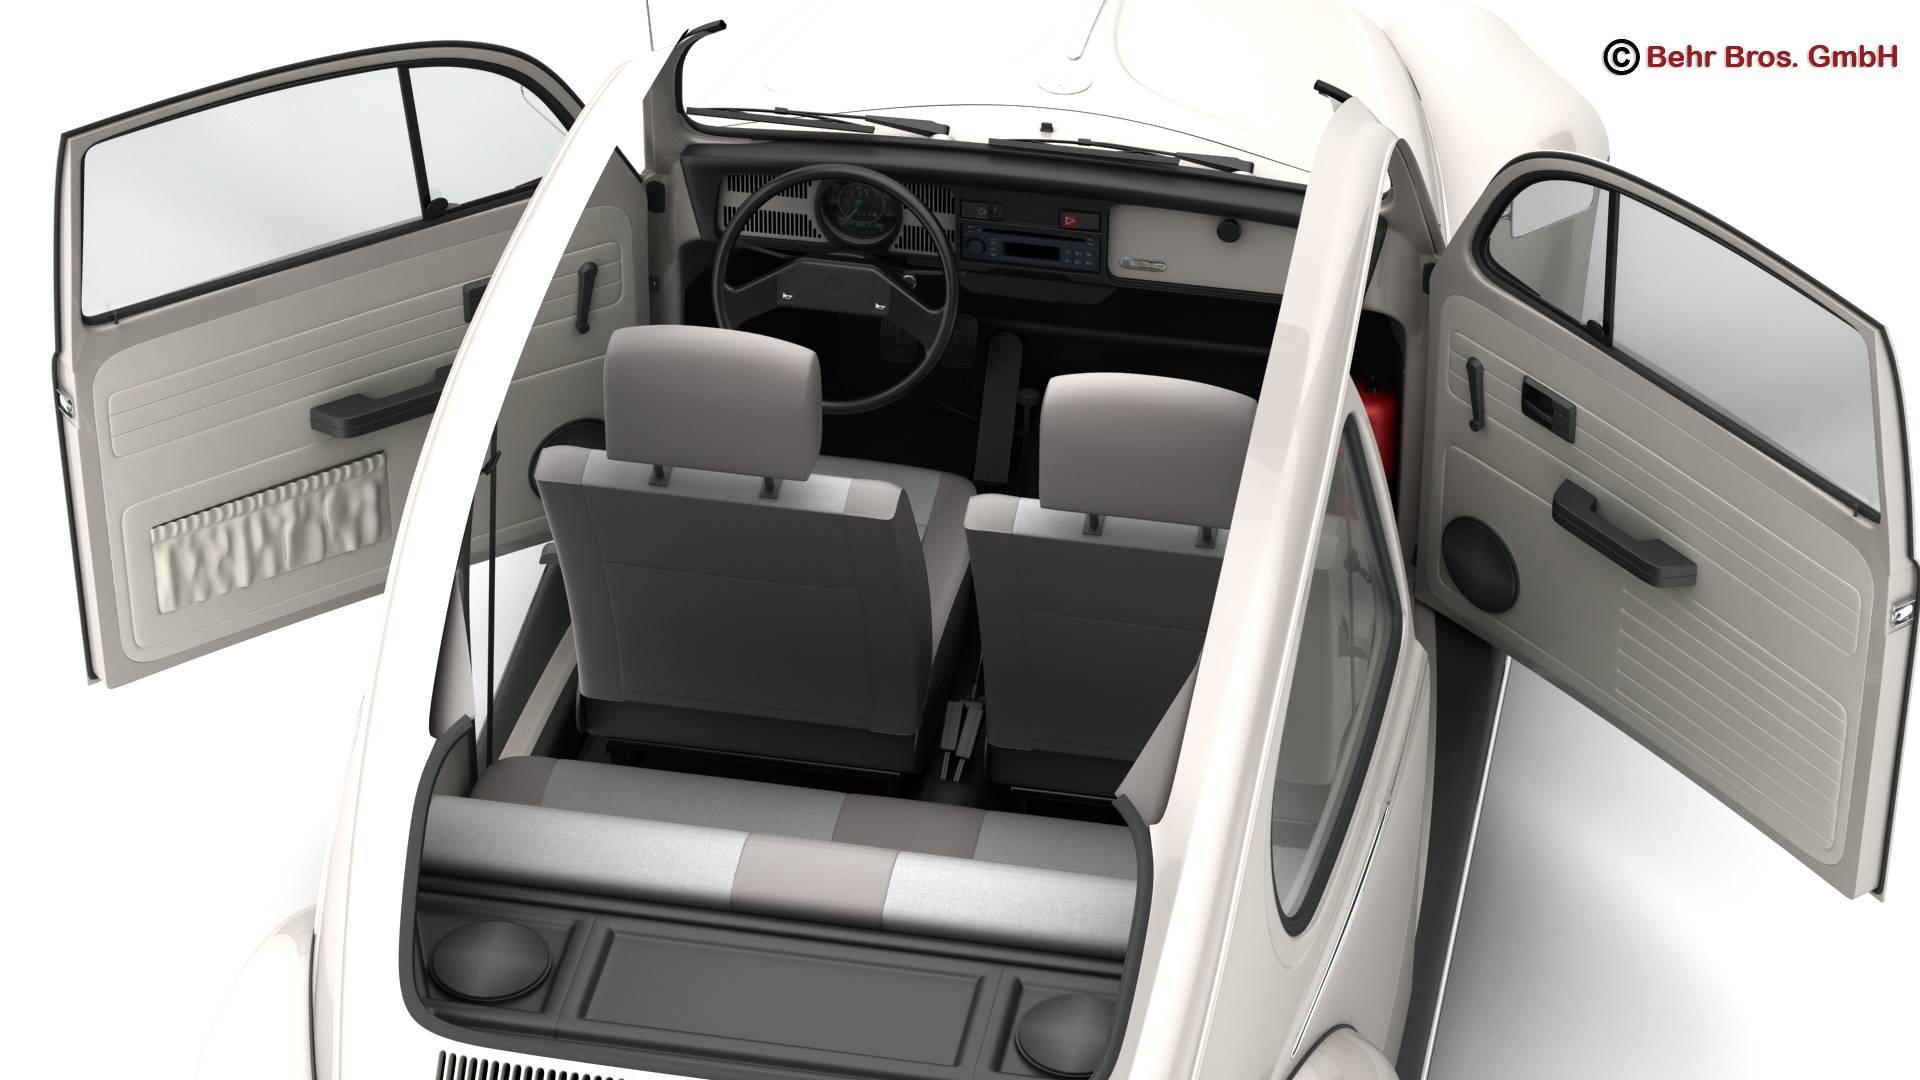 volkswagen beetle 2003 ultima edicion 3d model 3ds max fbx c4d lwo ma mb obj 220889